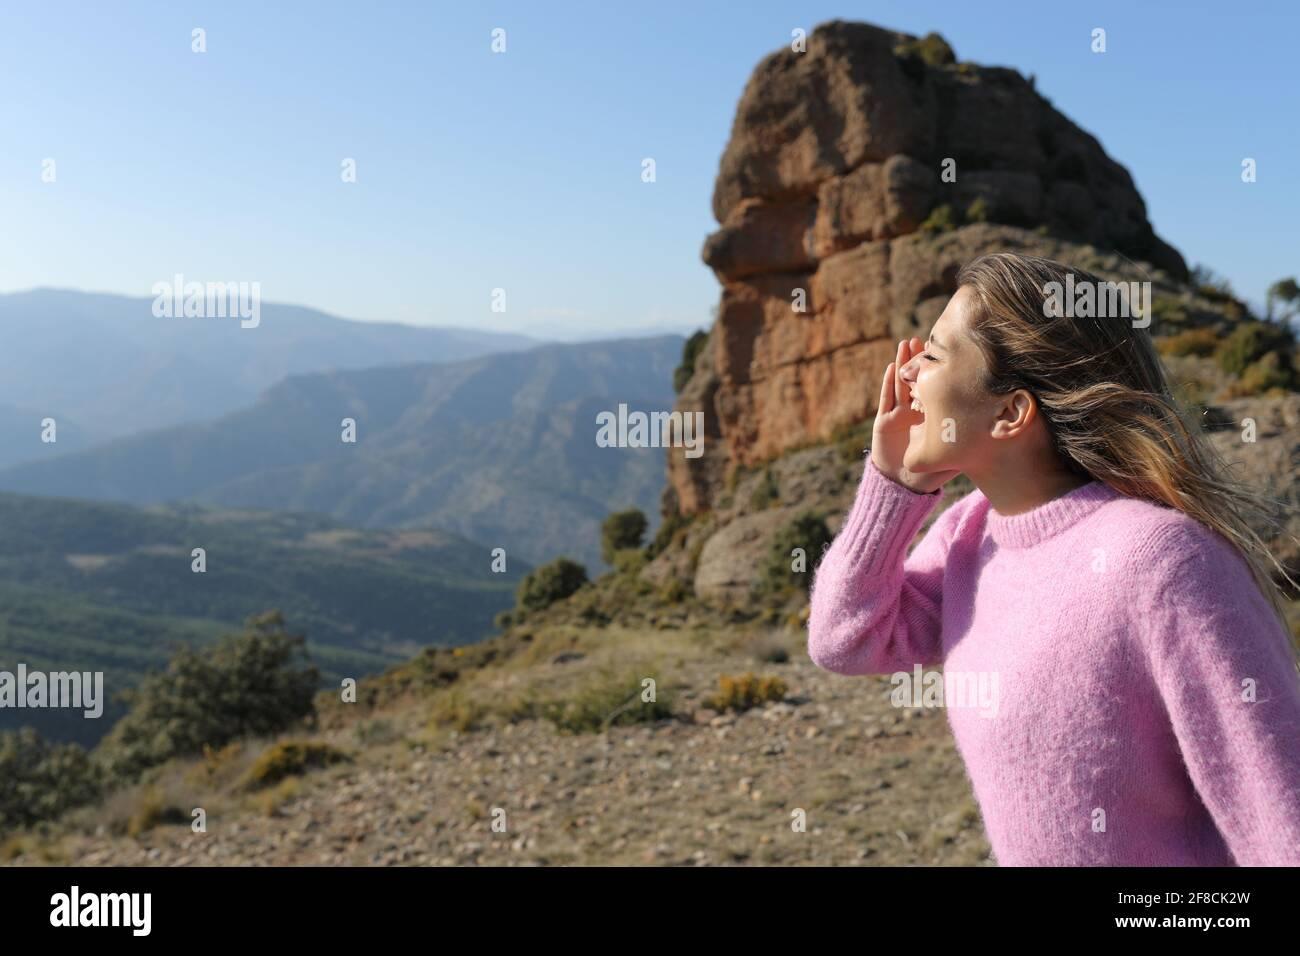 Profil einer glücklichen Frau, die im Berg schreit Urlaub Stockfoto